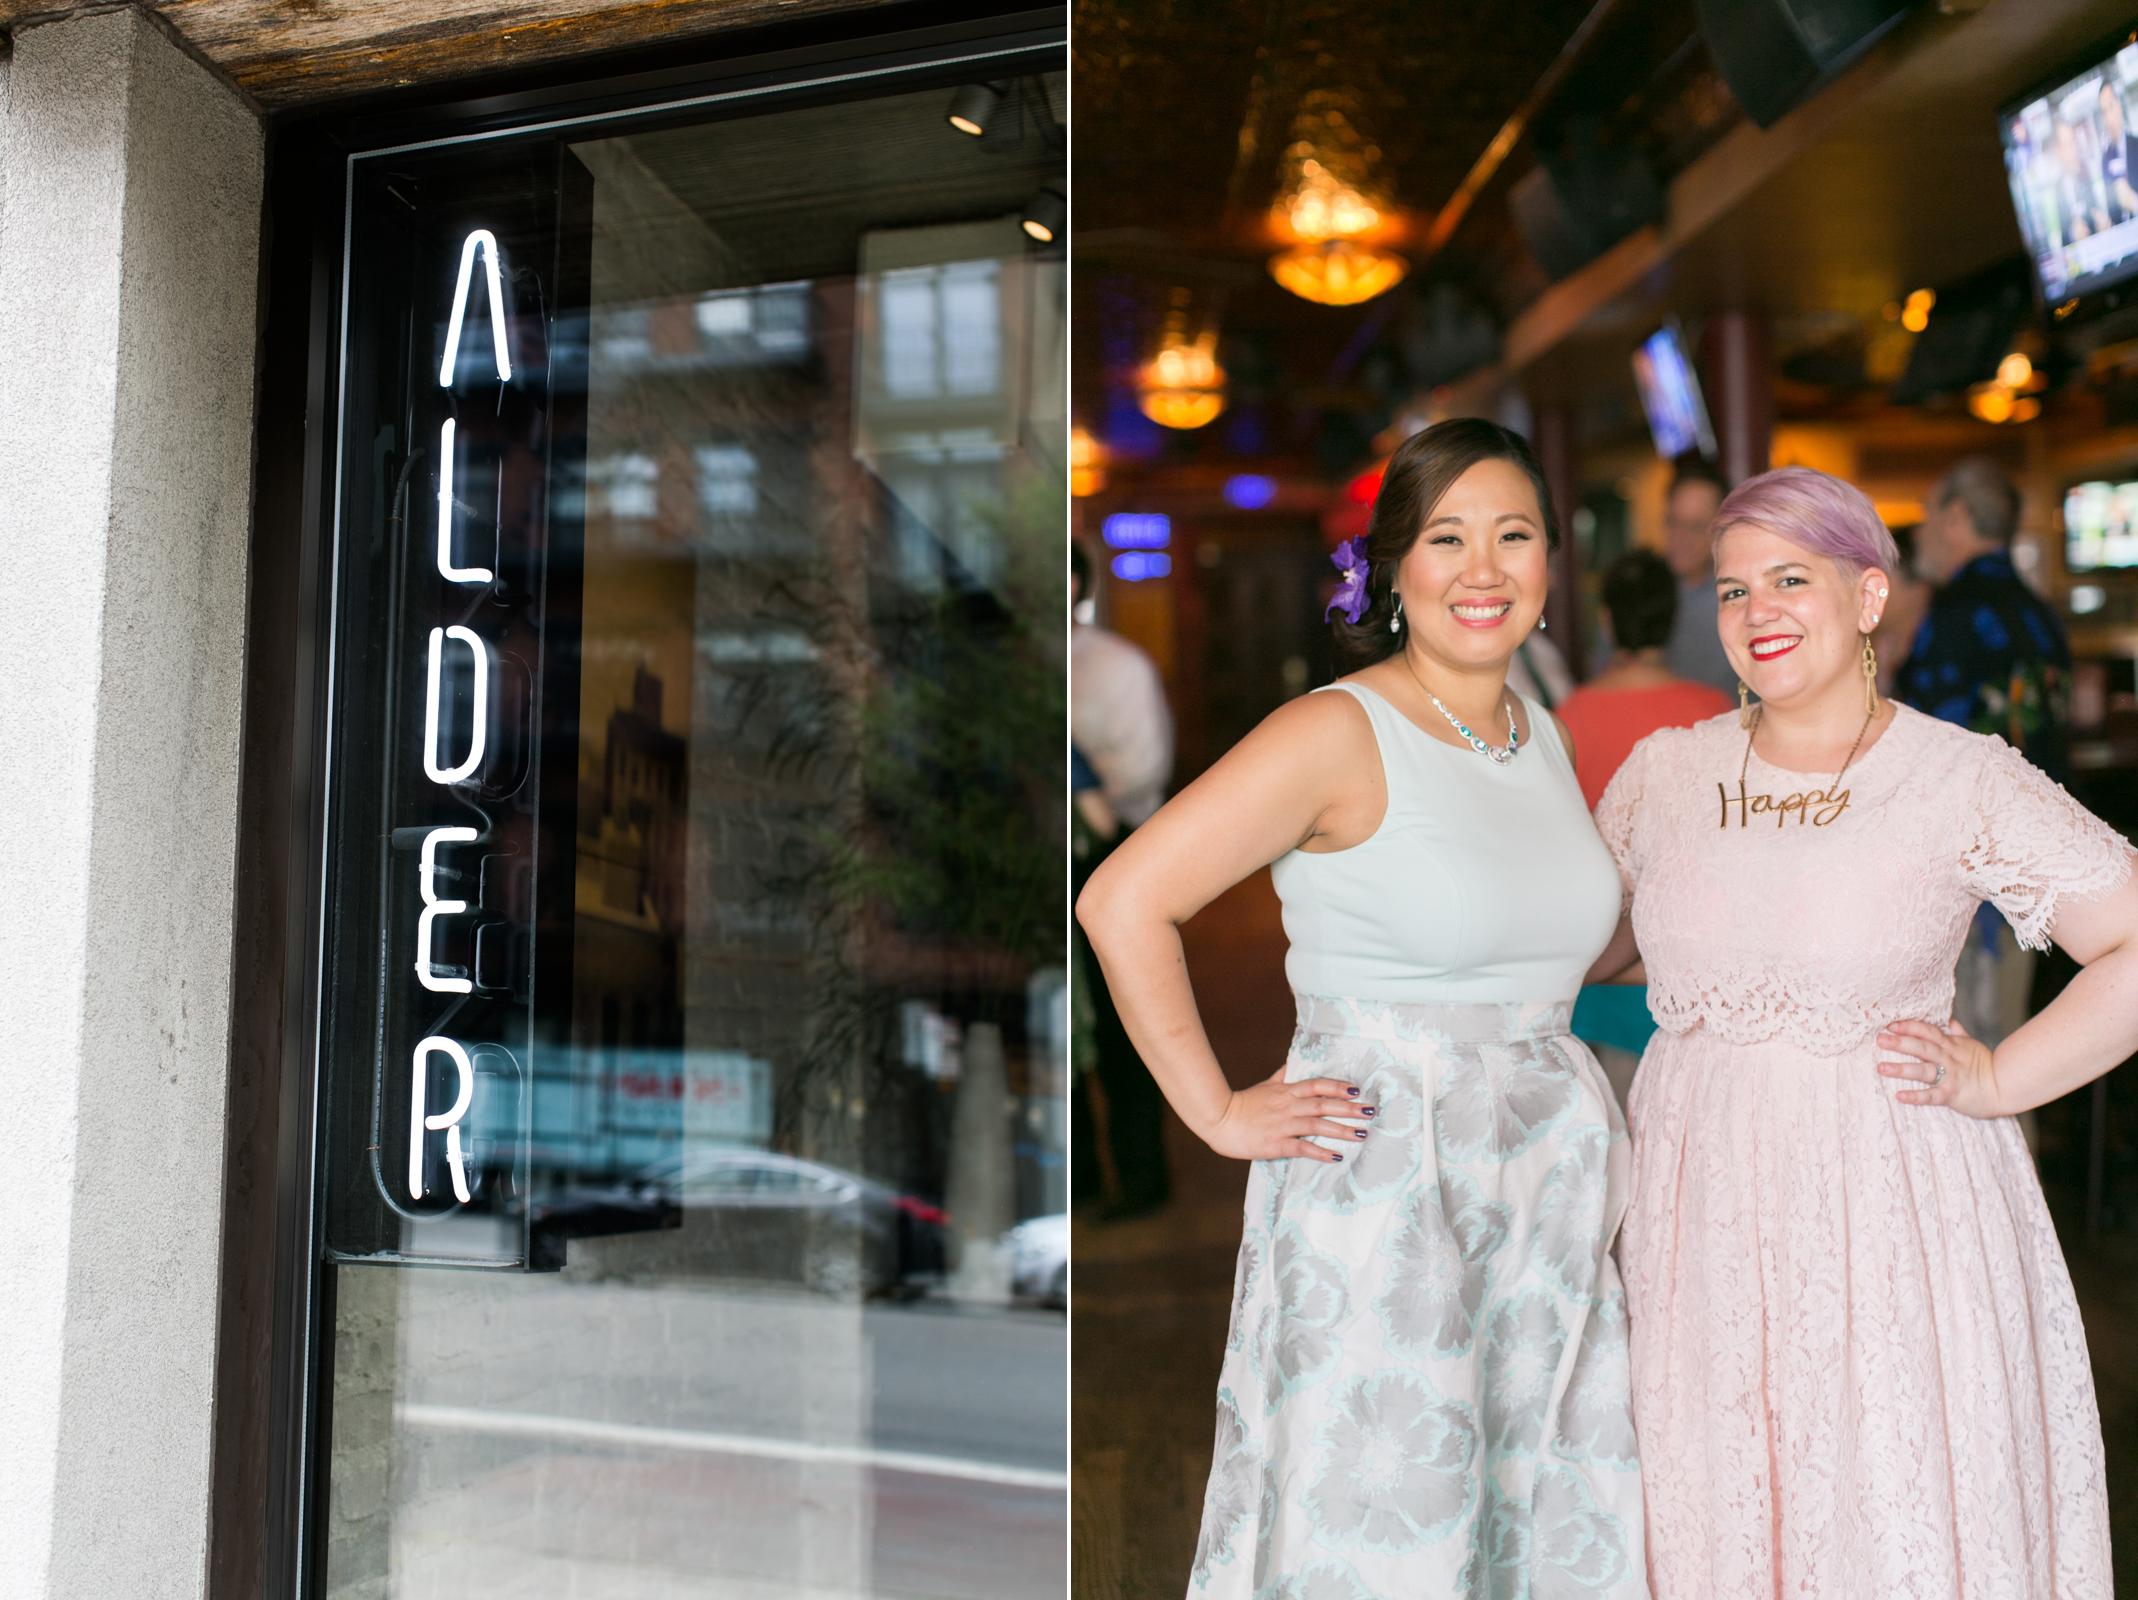 alder & happy bride & guest